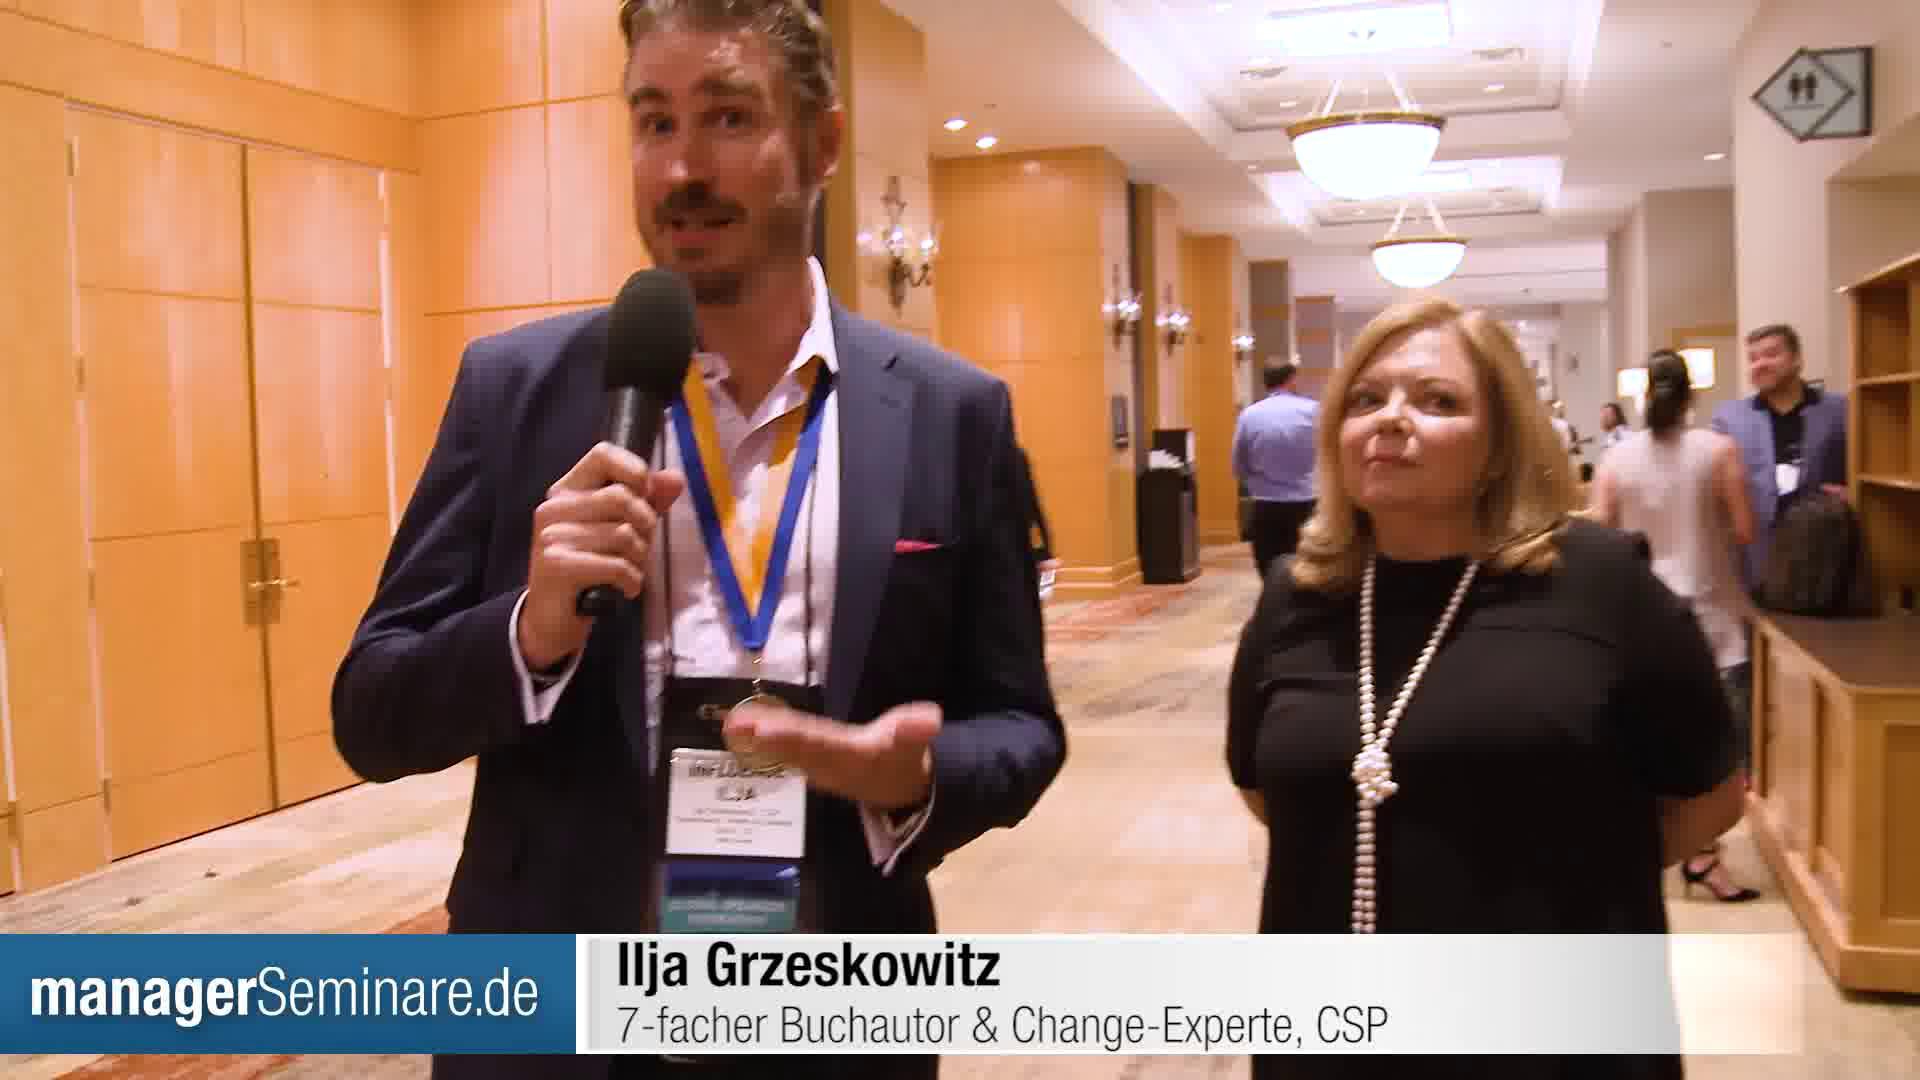 Link NSA-Convention 2016: Dos und Don´ts für Redner